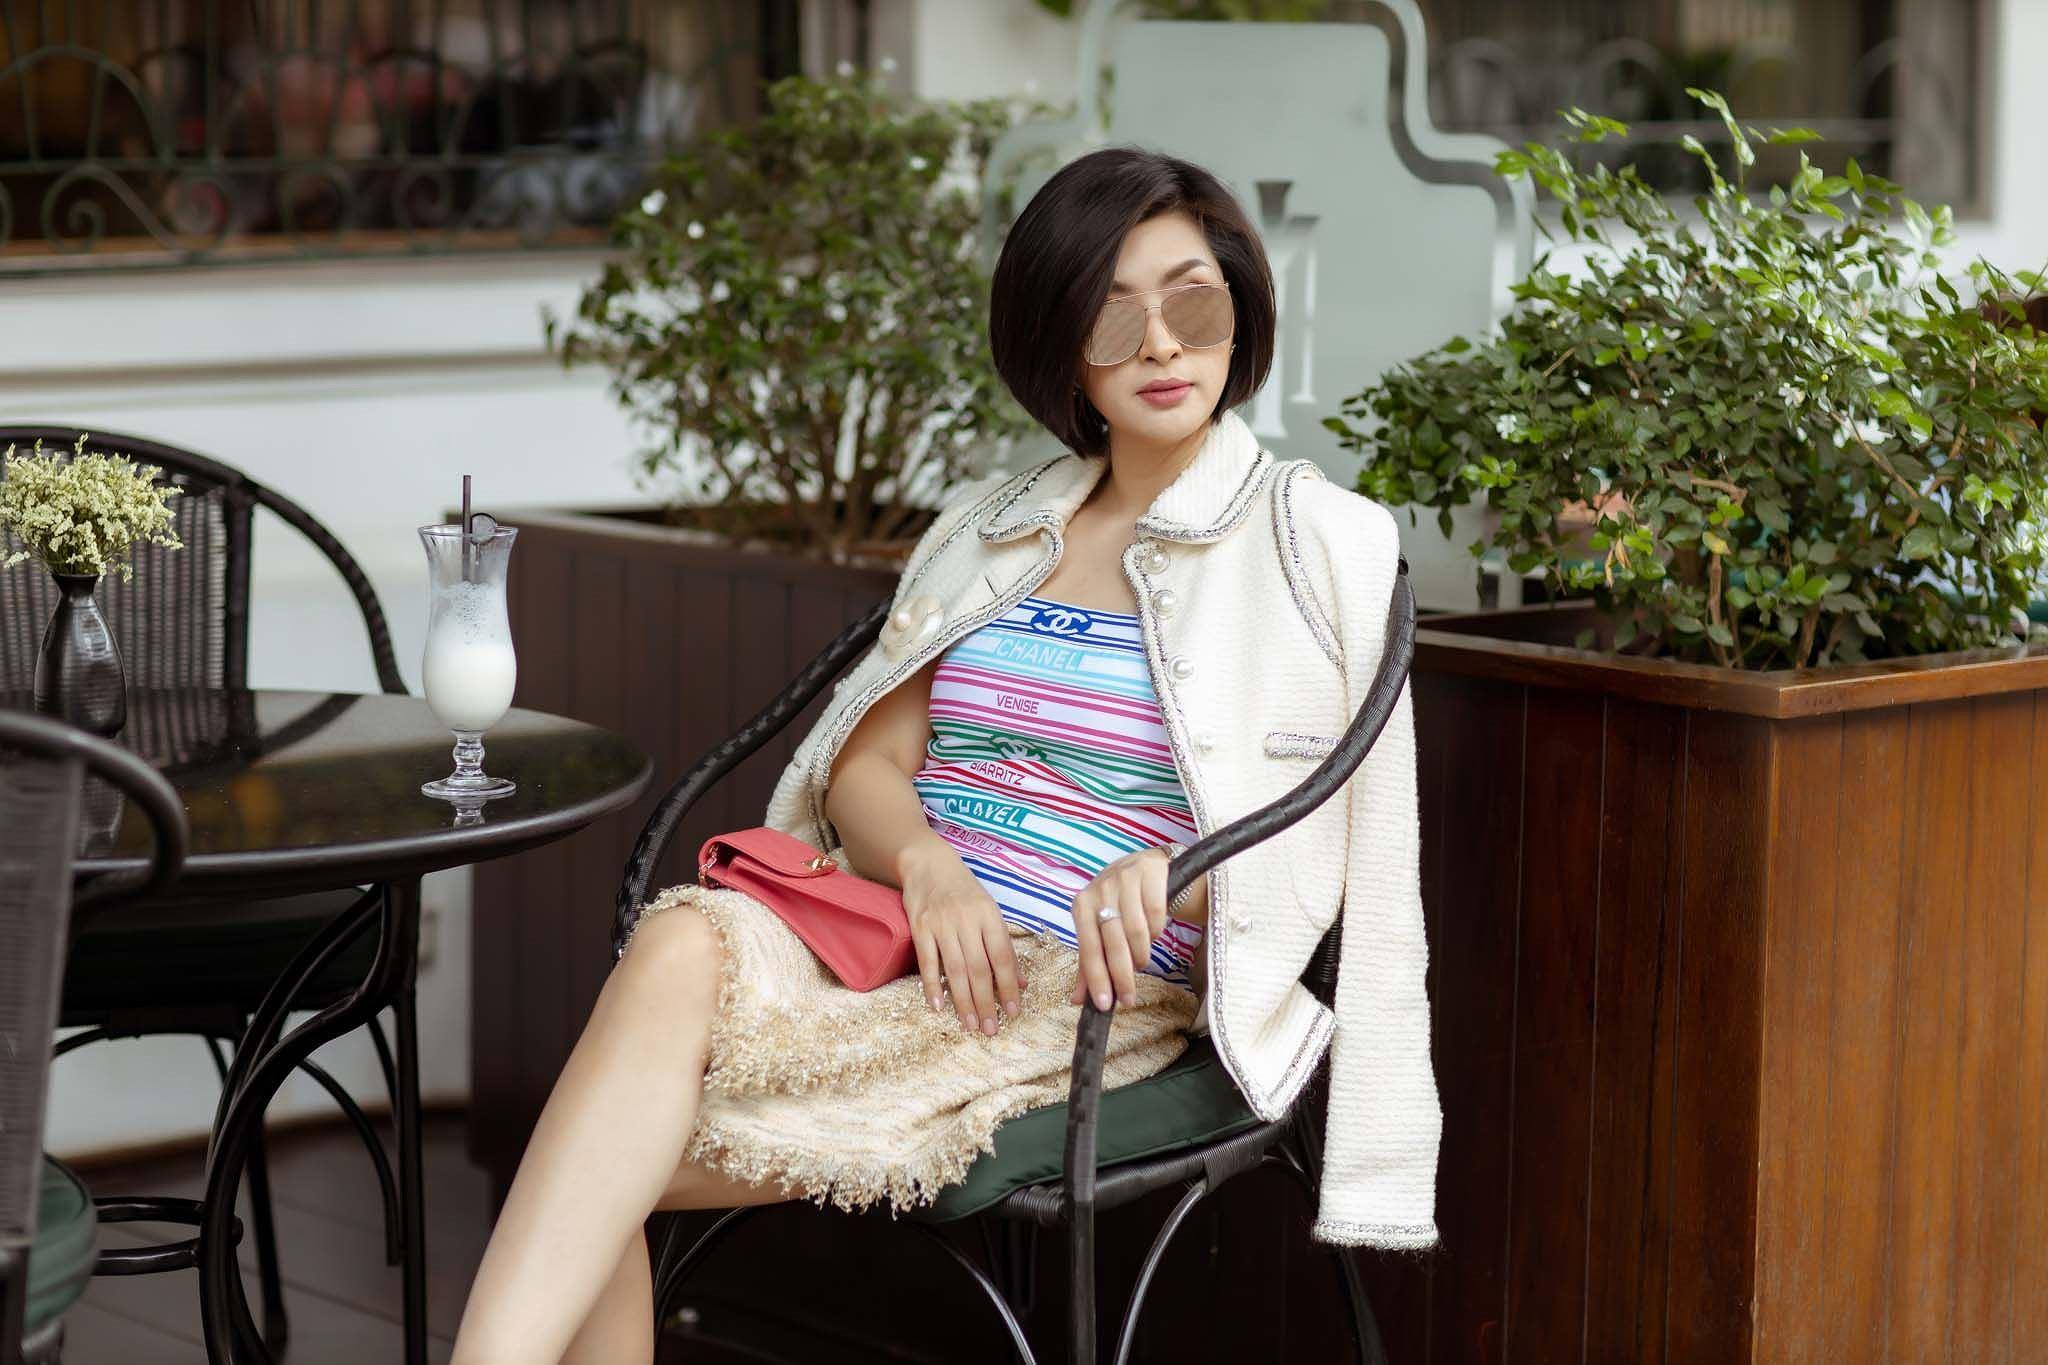 Sau 14 năm rời Việt Nam vì scandal, Nguyễn Hồng Nhung đẹp rạng rỡ ngày trở lại Ảnh 8